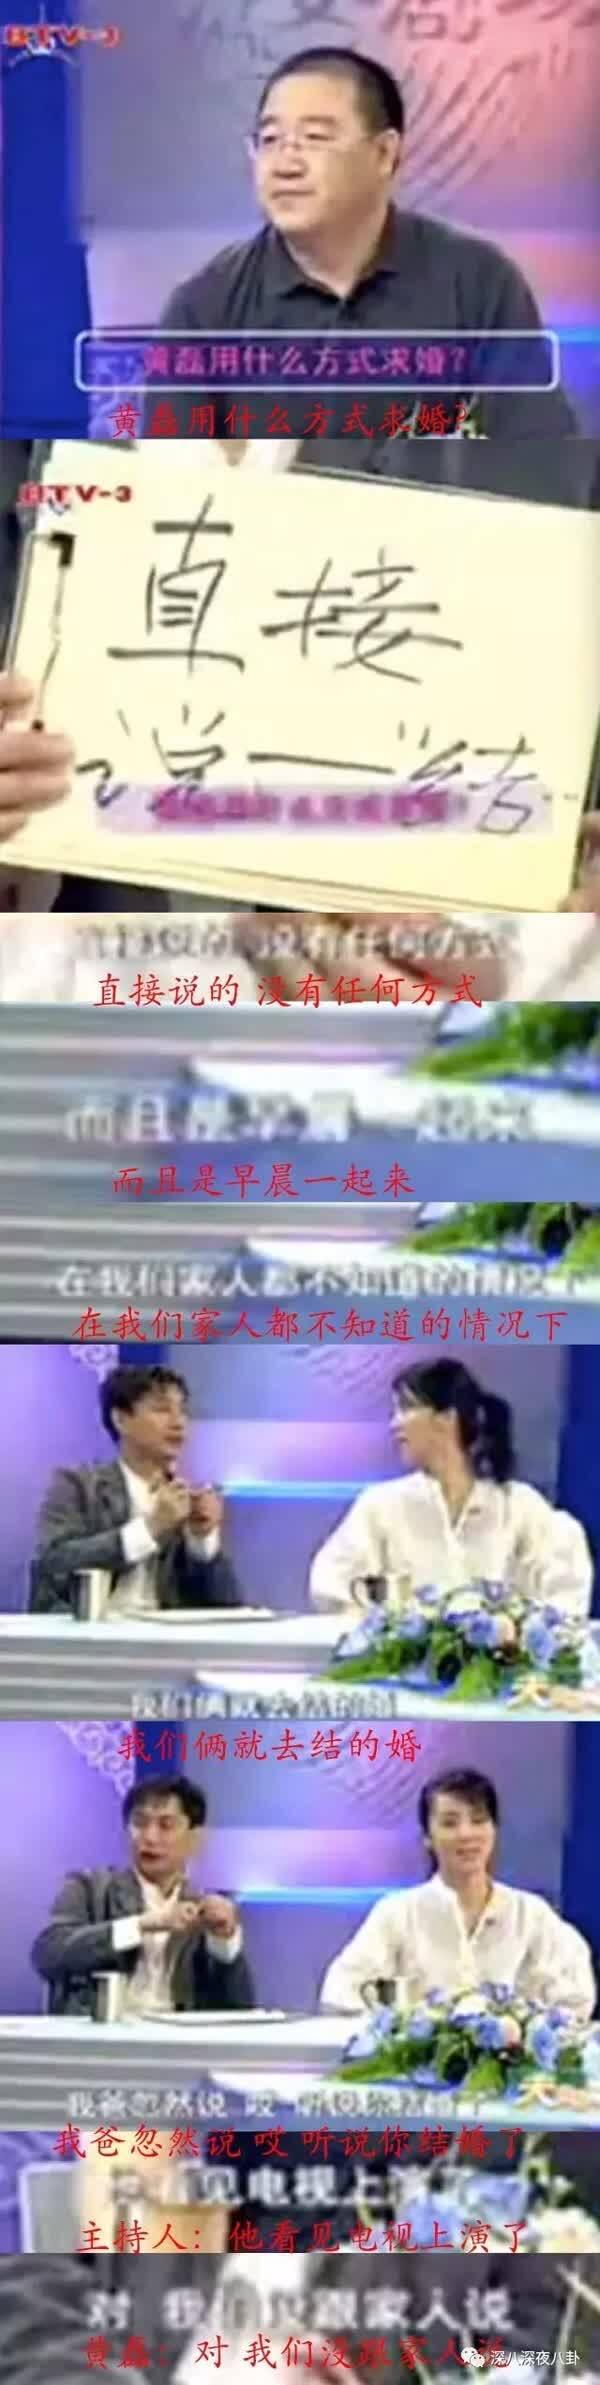 负面新闻左一条右一条,黄磊这次人设崩了吗?